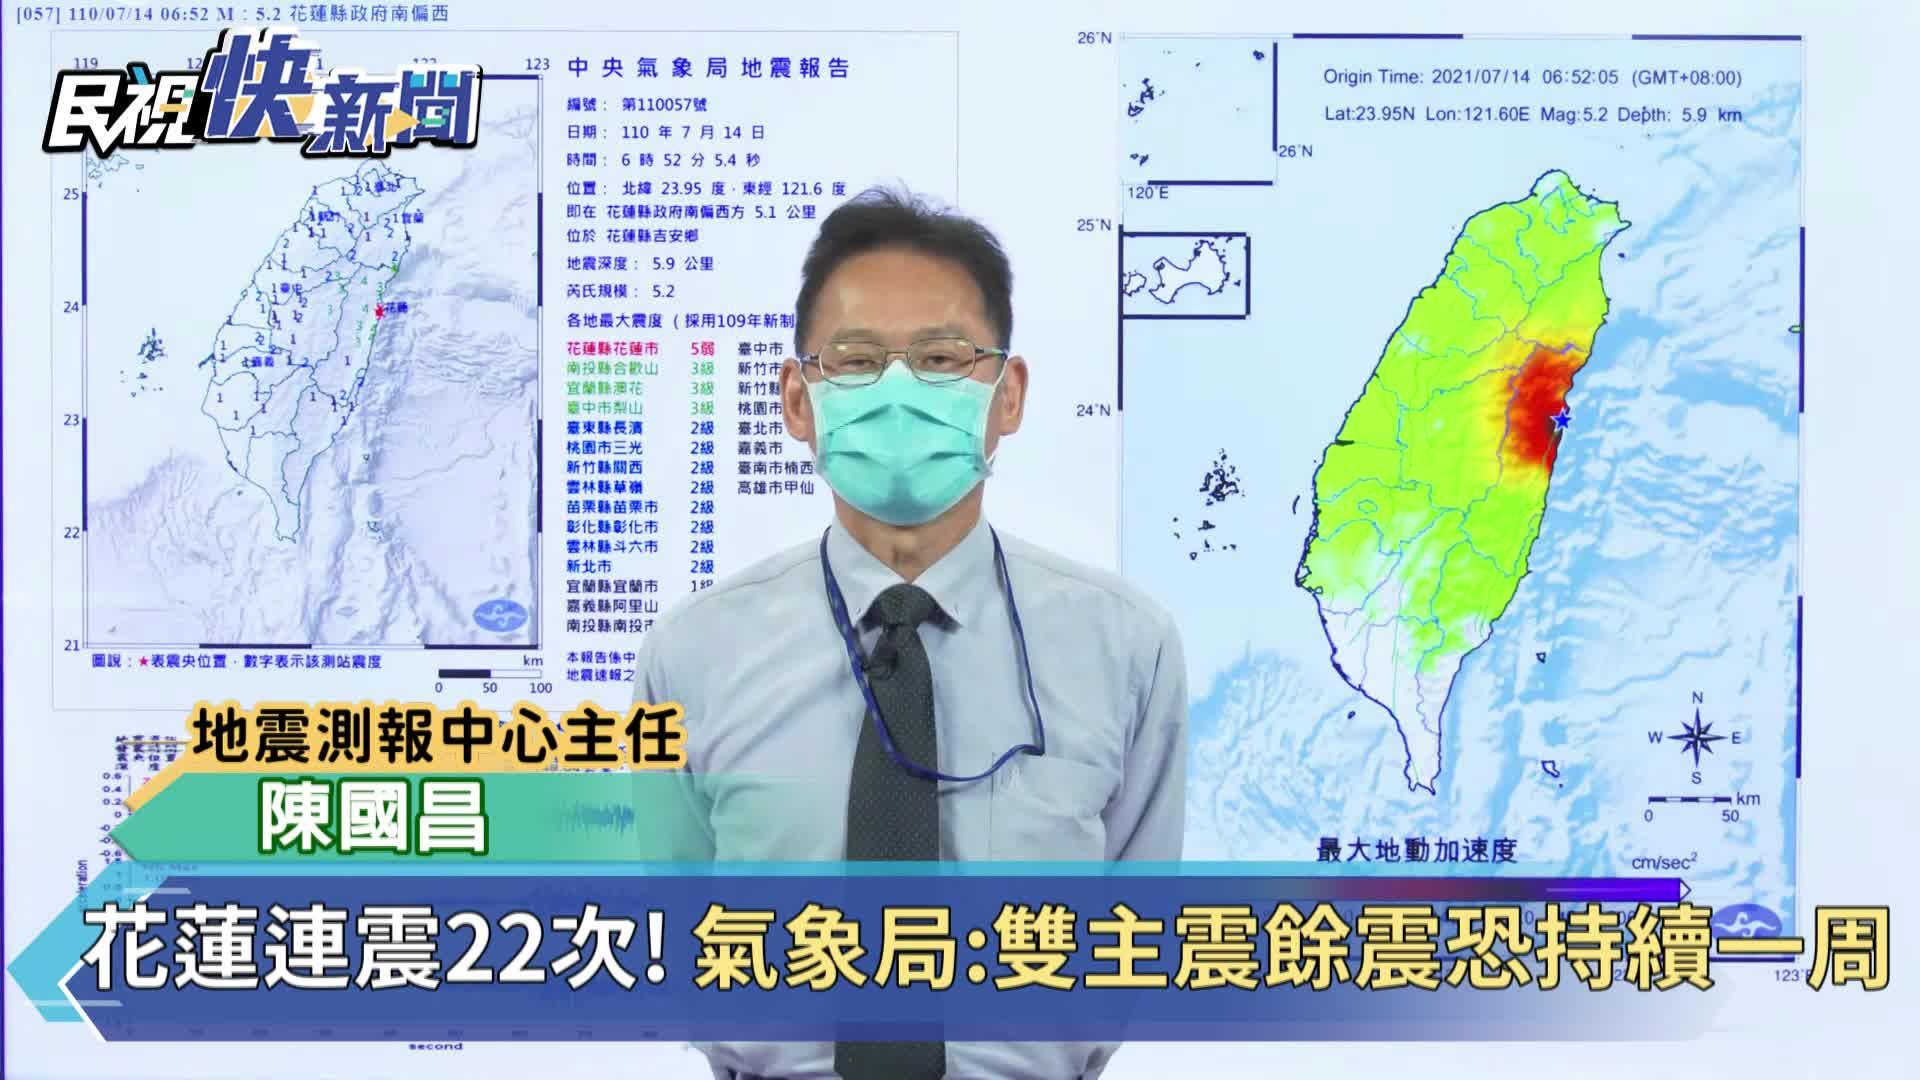 快新聞/清晨花蓮連震22次! 氣象局:上周雙主震餘震